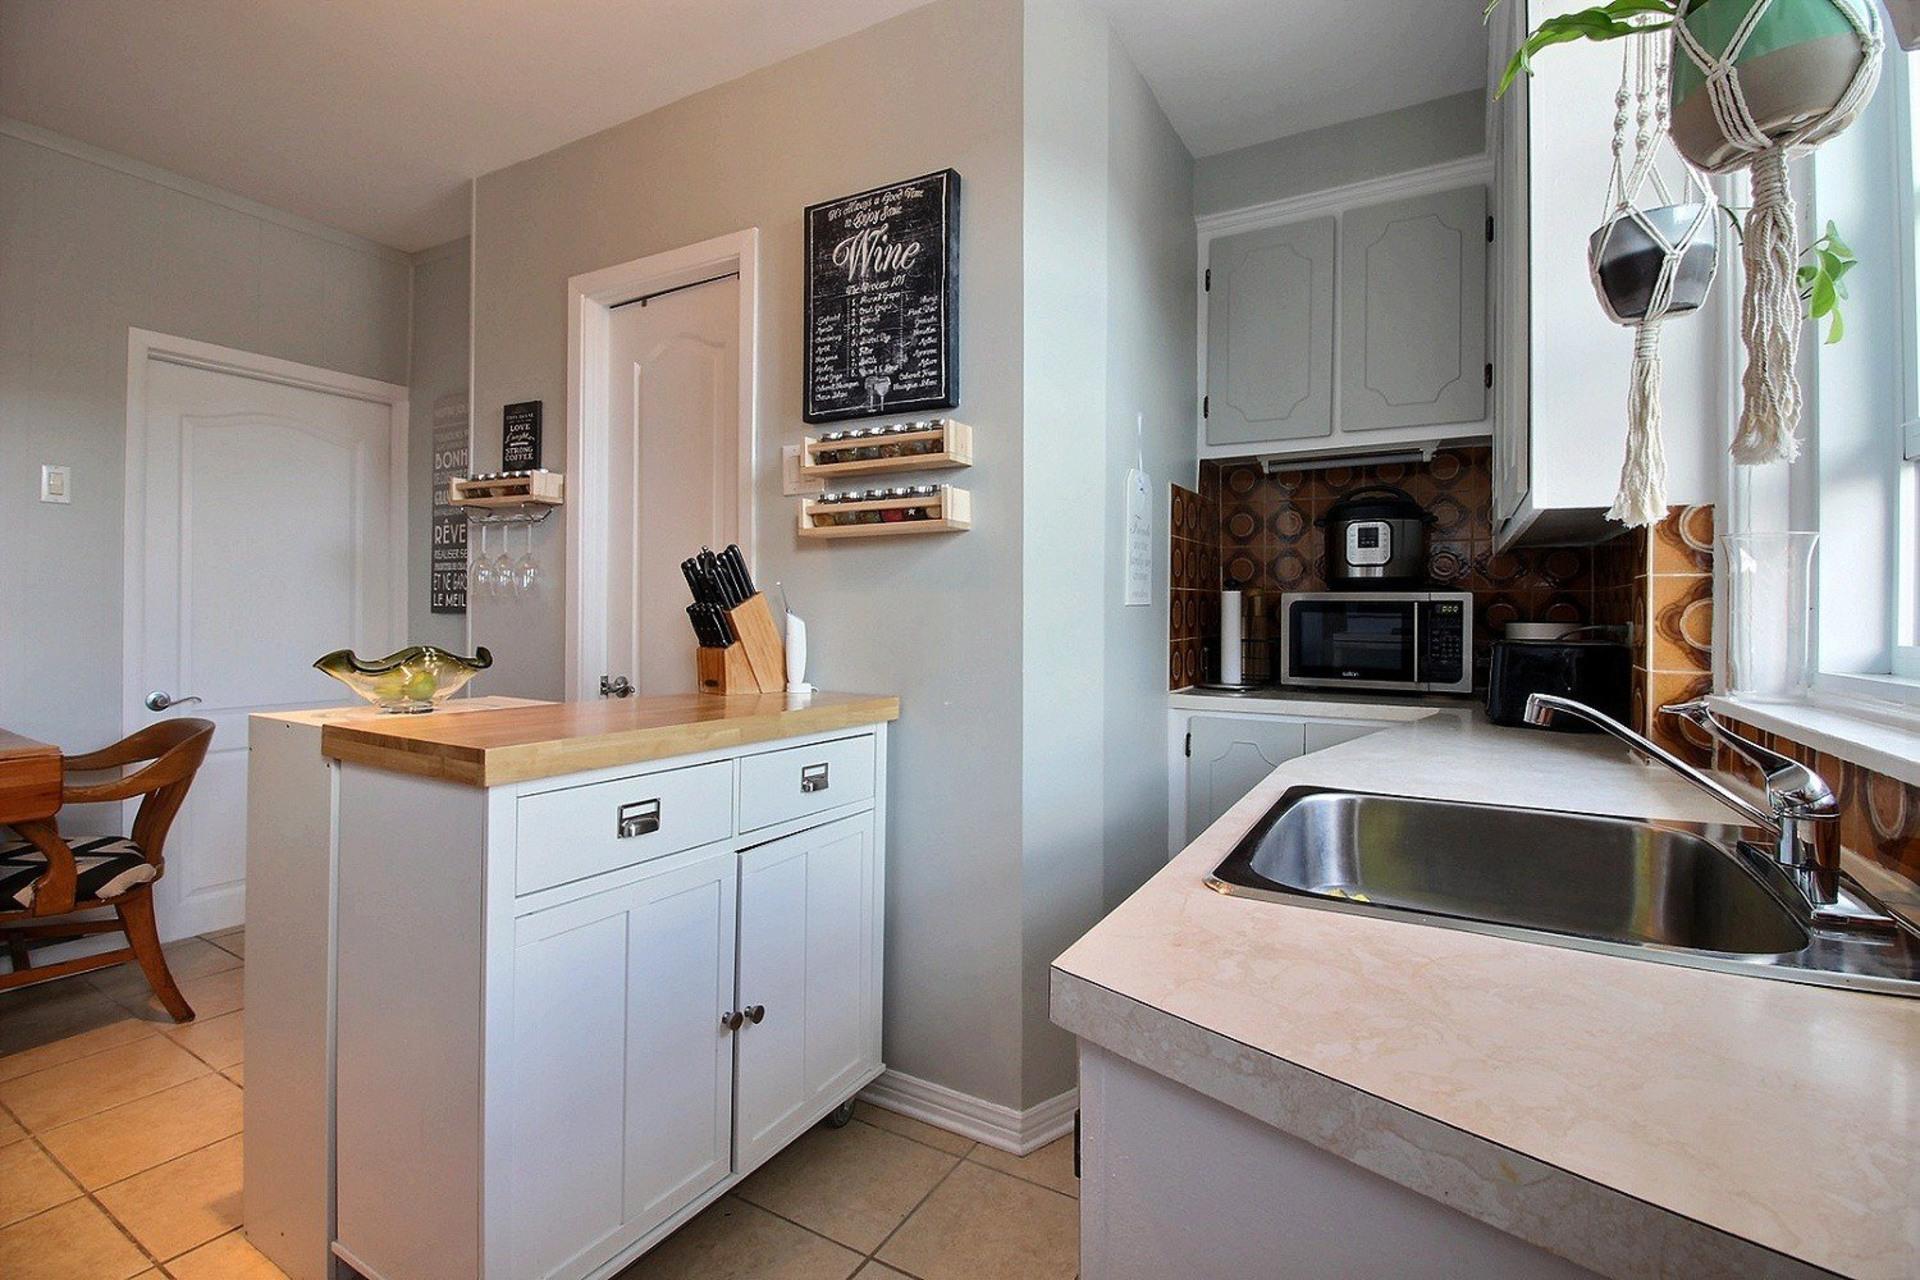 image 17 - Duplex For sale Mercier/Hochelaga-Maisonneuve Montréal  - 5 rooms